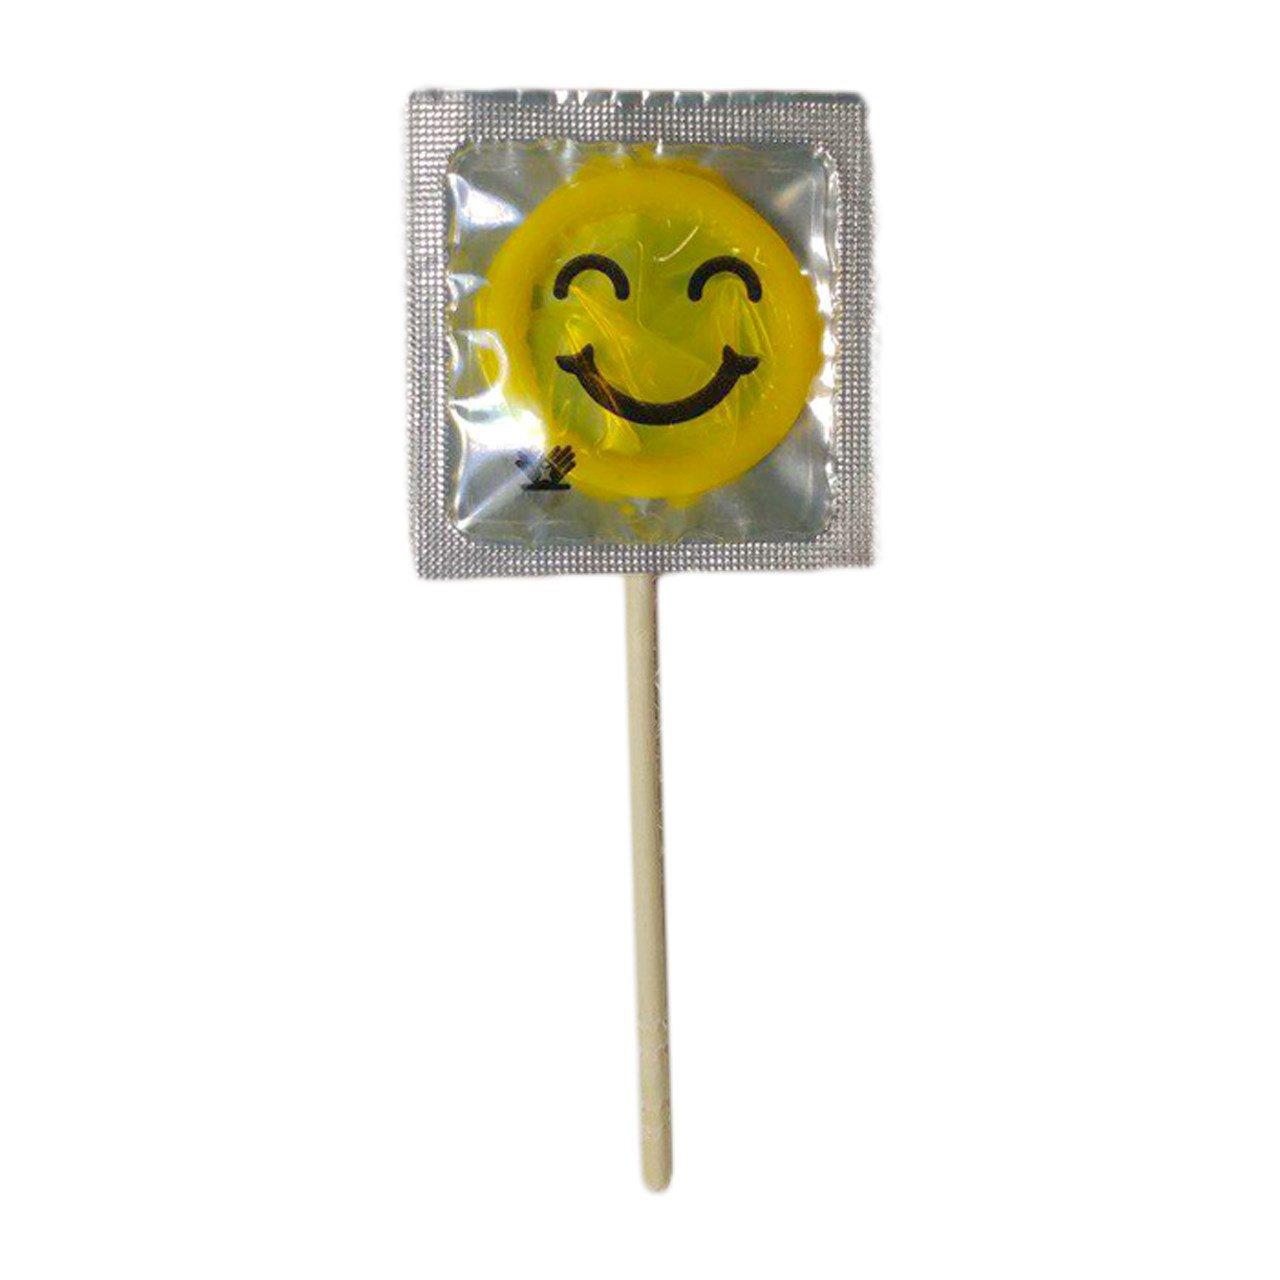 کاندوم با طرح آبنبات چوبی ایموجی Emoji